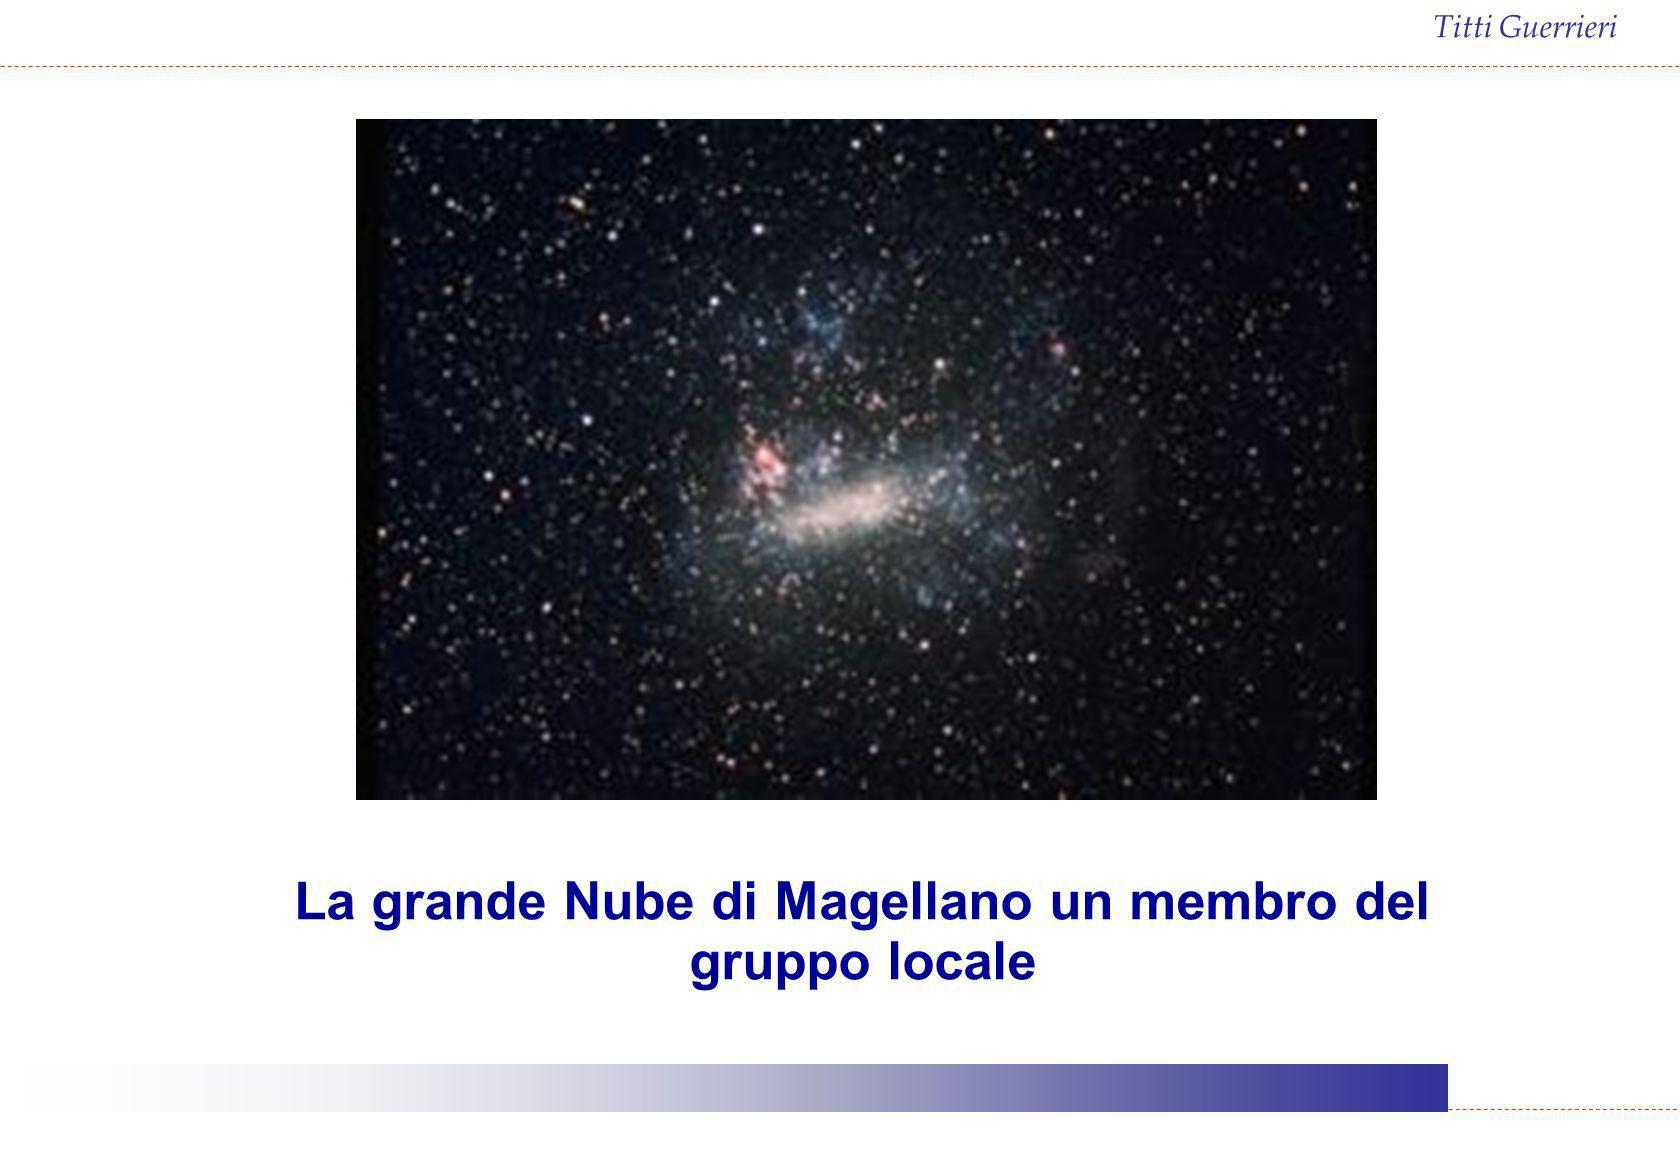 La grande Nube di Magellano un membro del gruppo locale